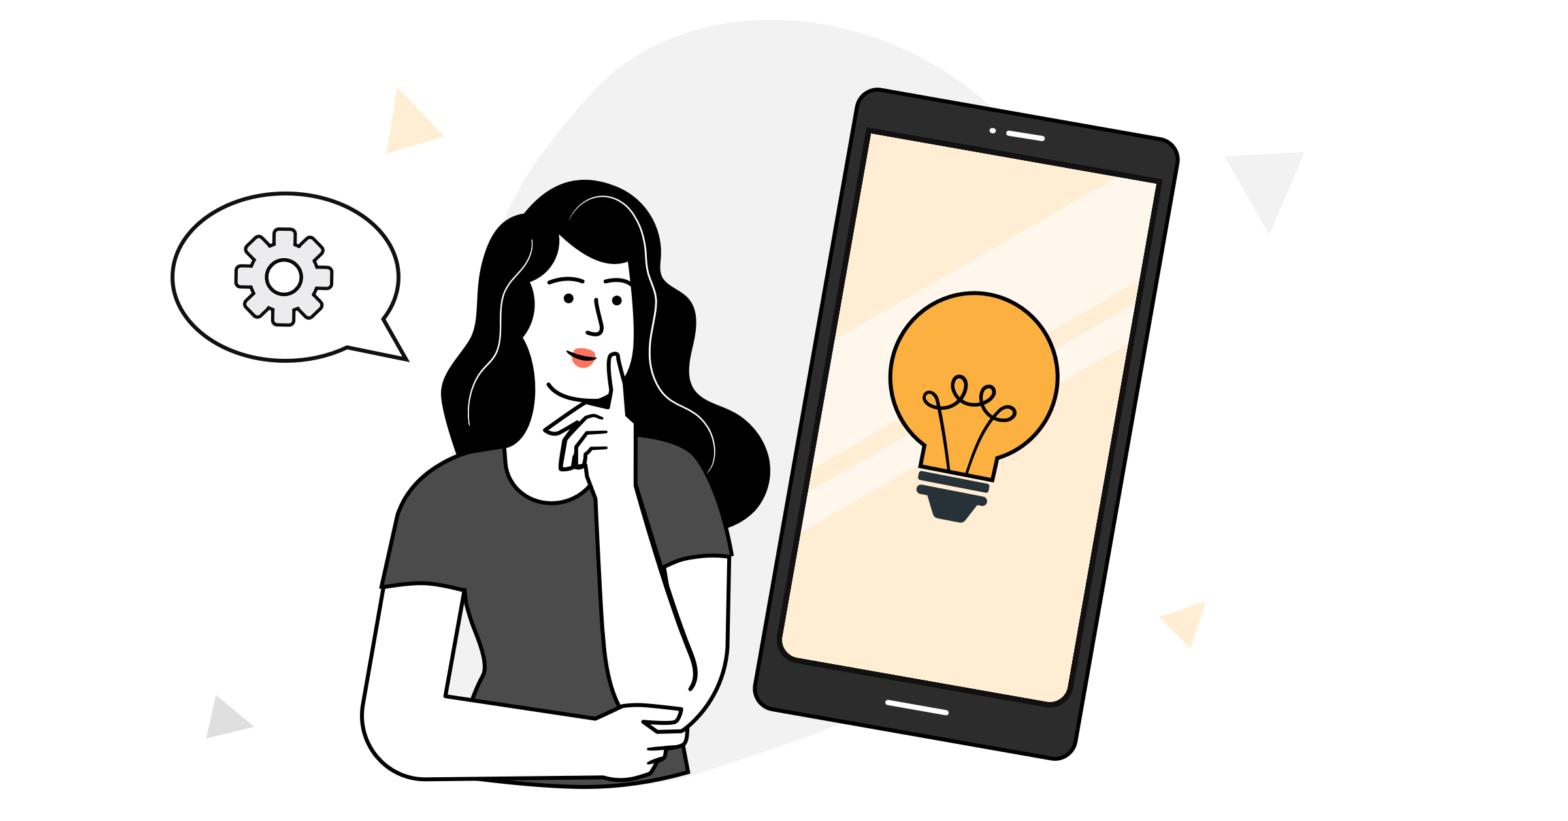 pomysł na aplikację mobilną